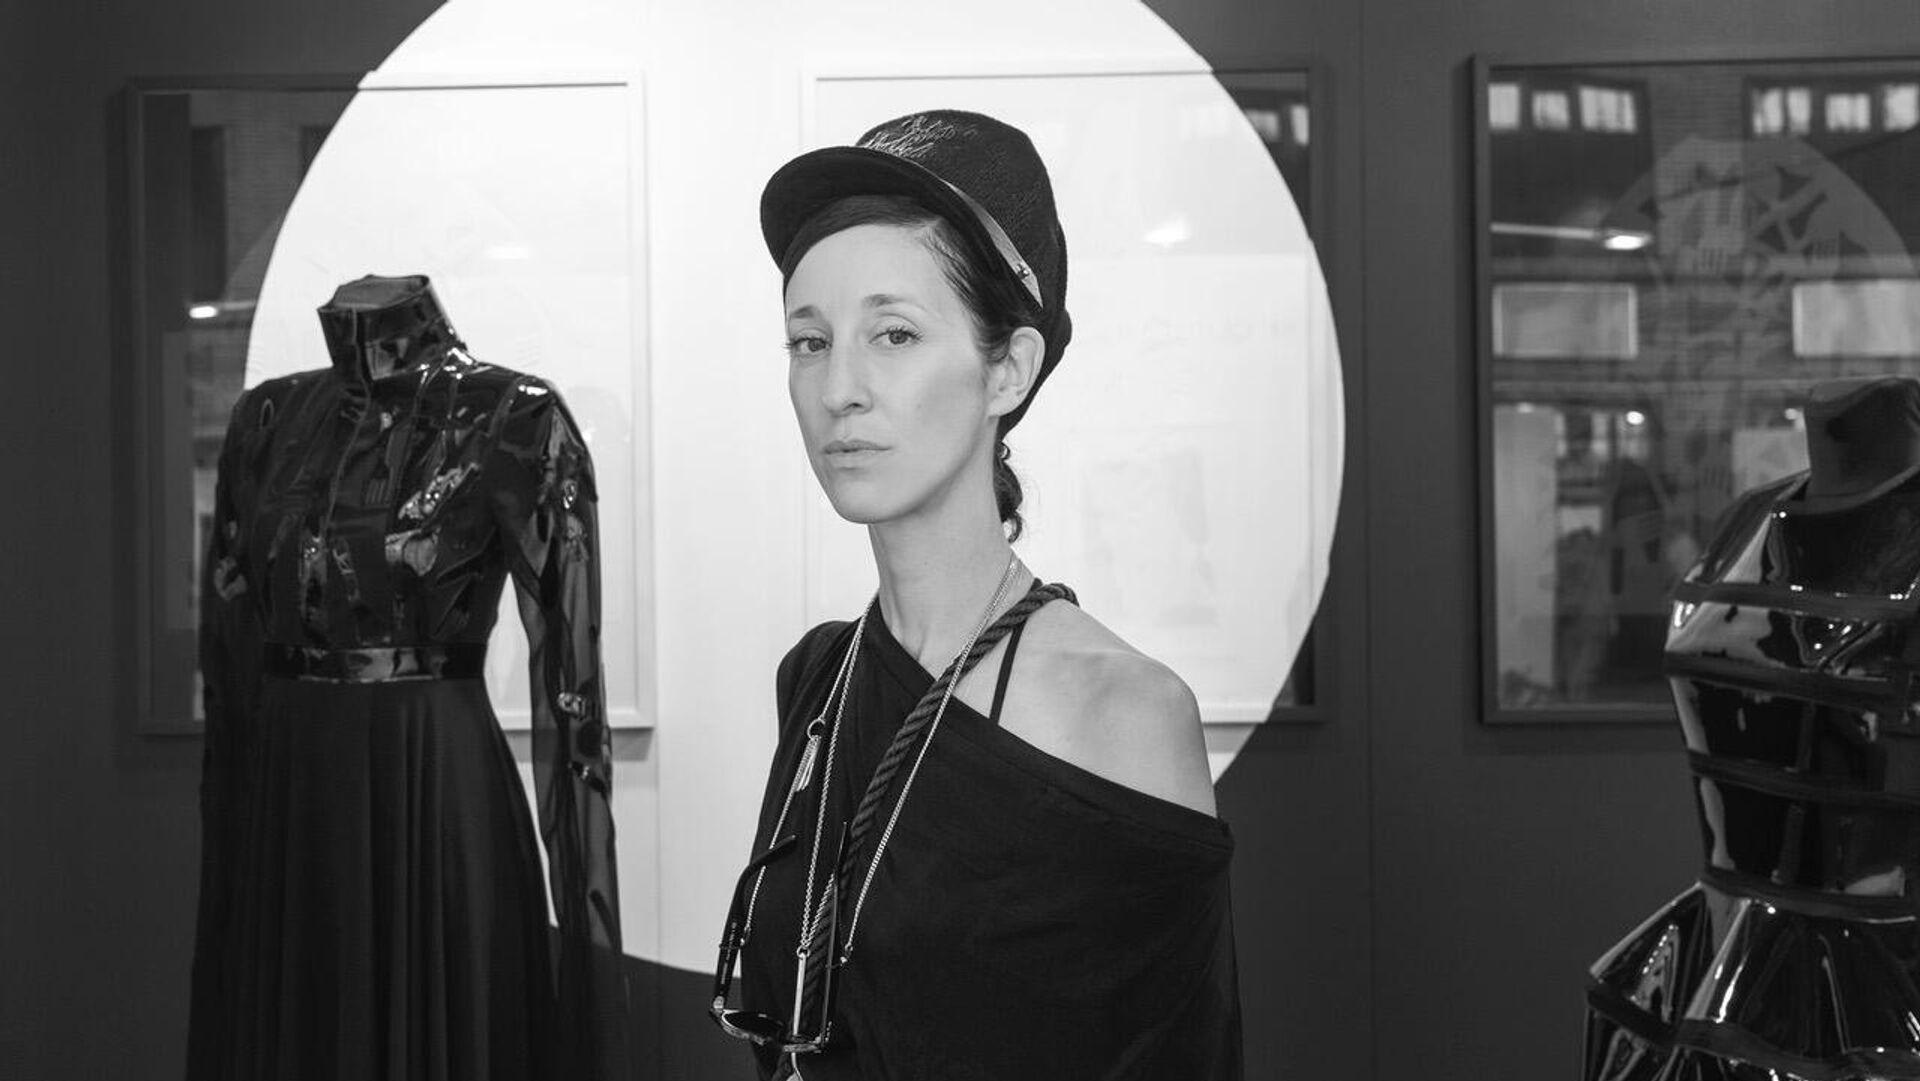 Designerin Esther Perbandt - SNA, 1920, 20.01.2021